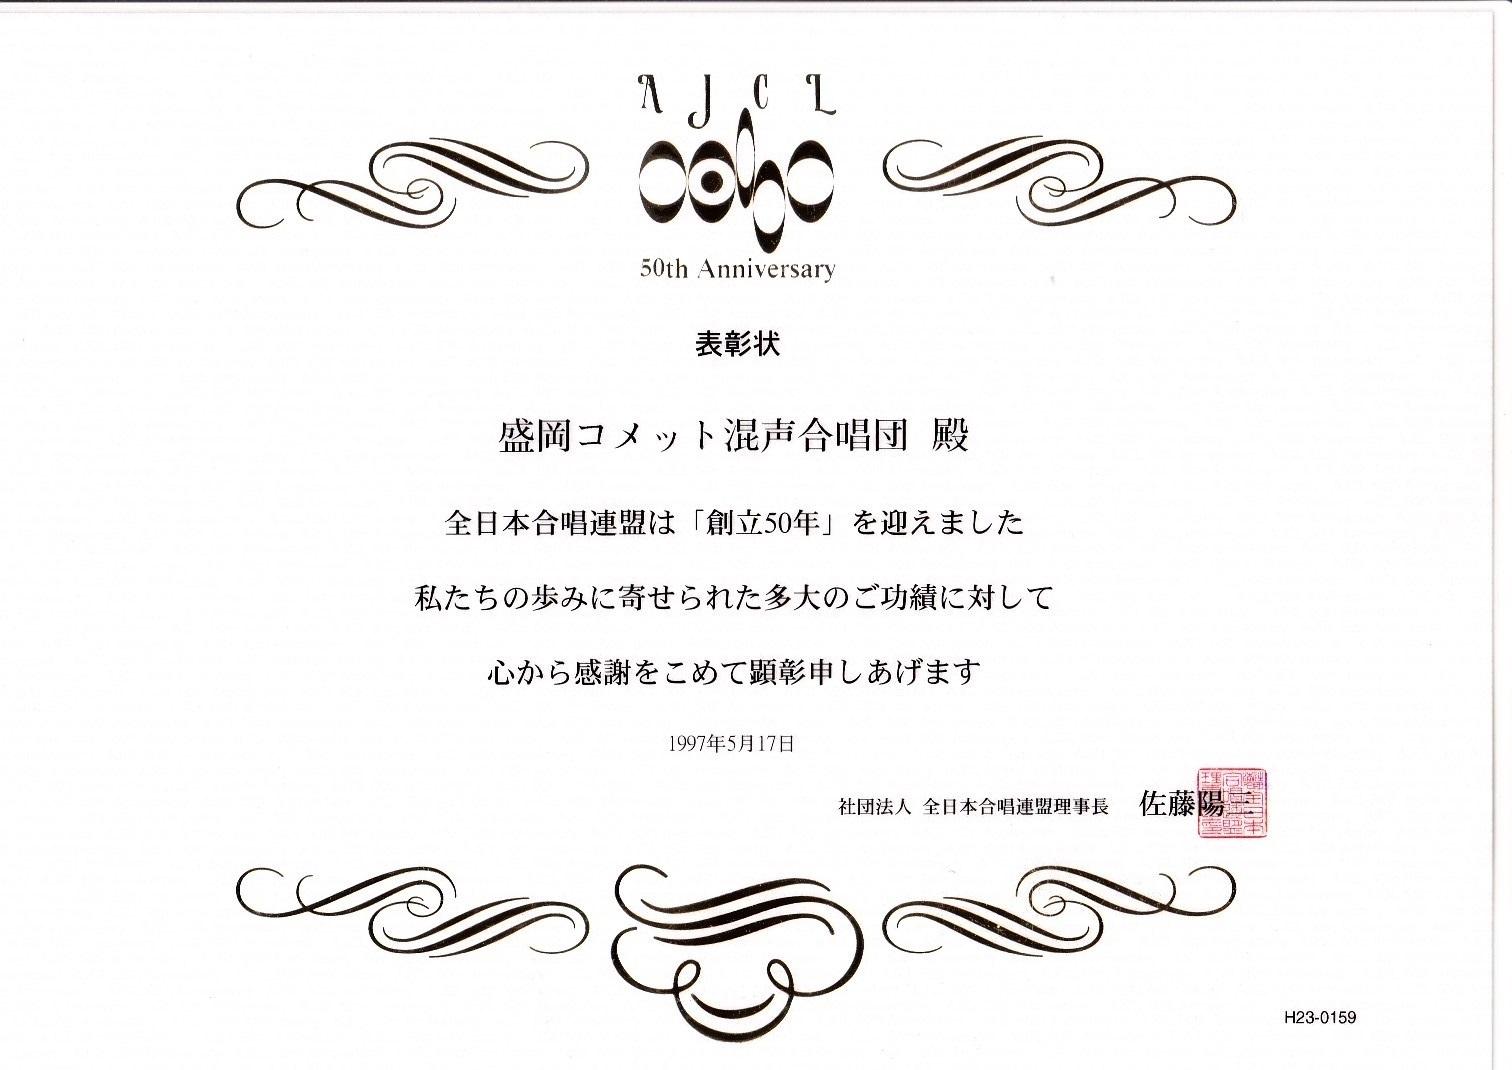 全日本合唱連盟創立50年表彰_c0125004_13113384.jpg